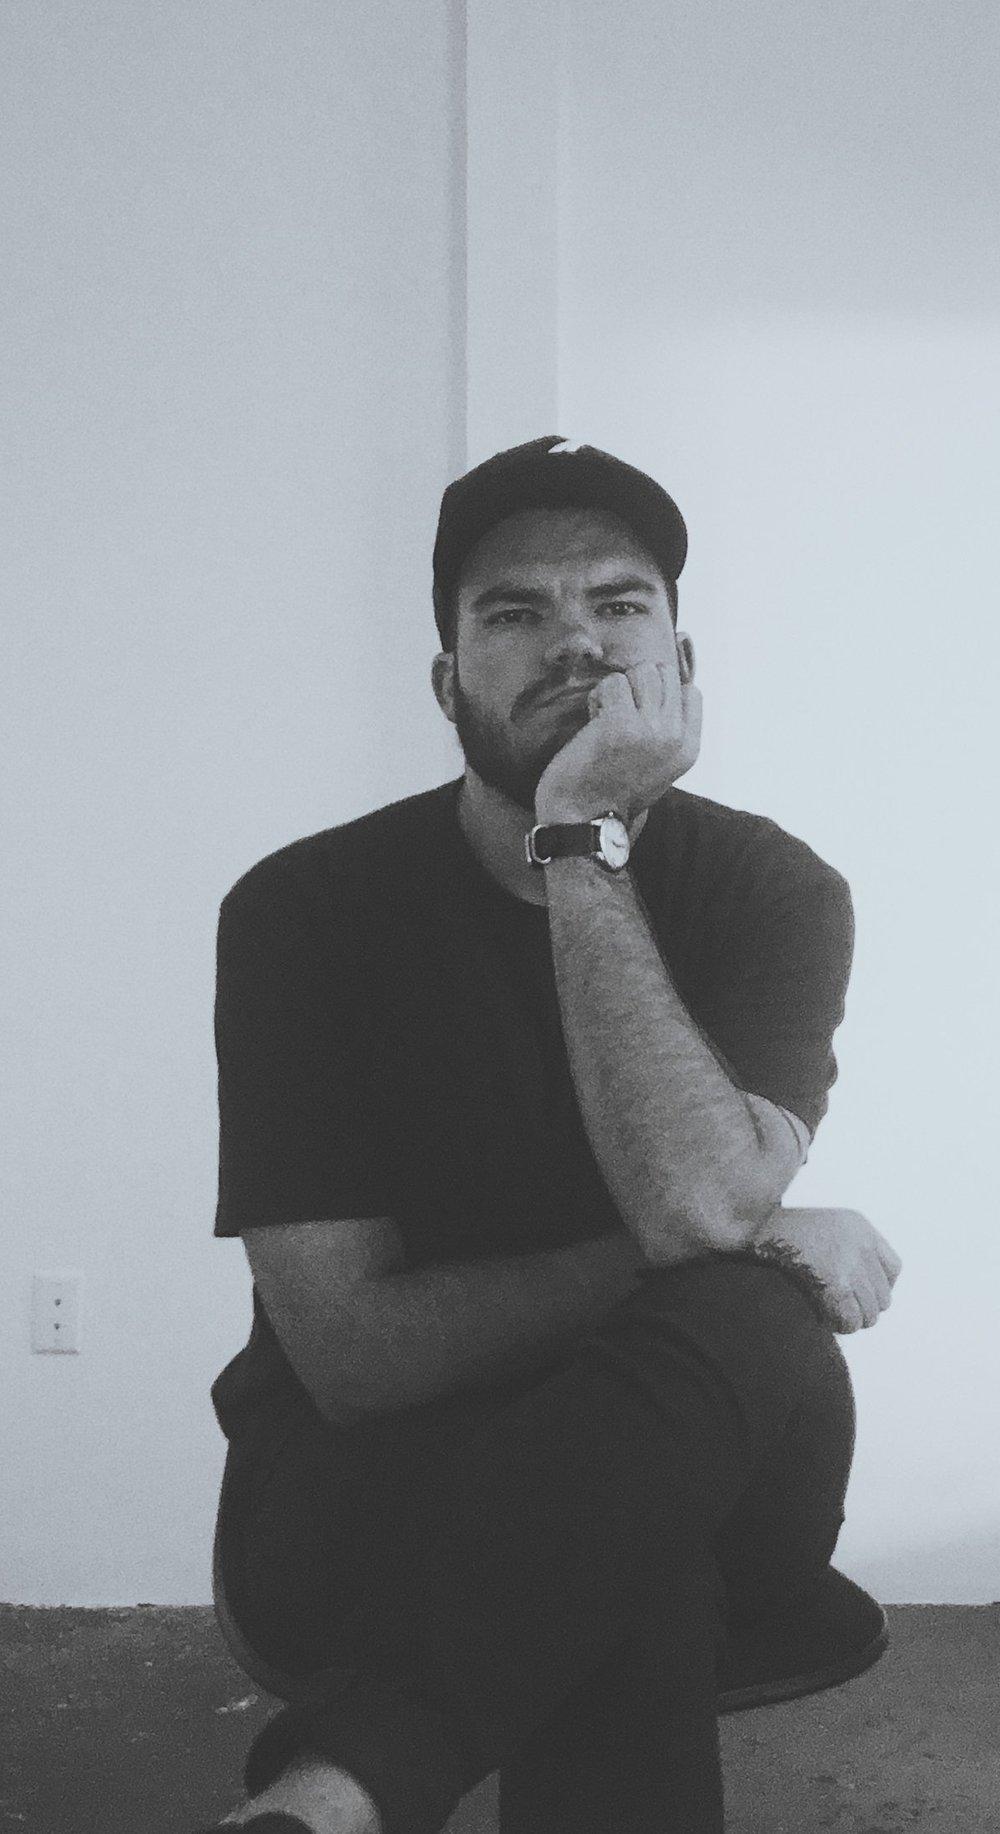 Kyle Sklenar, Owner